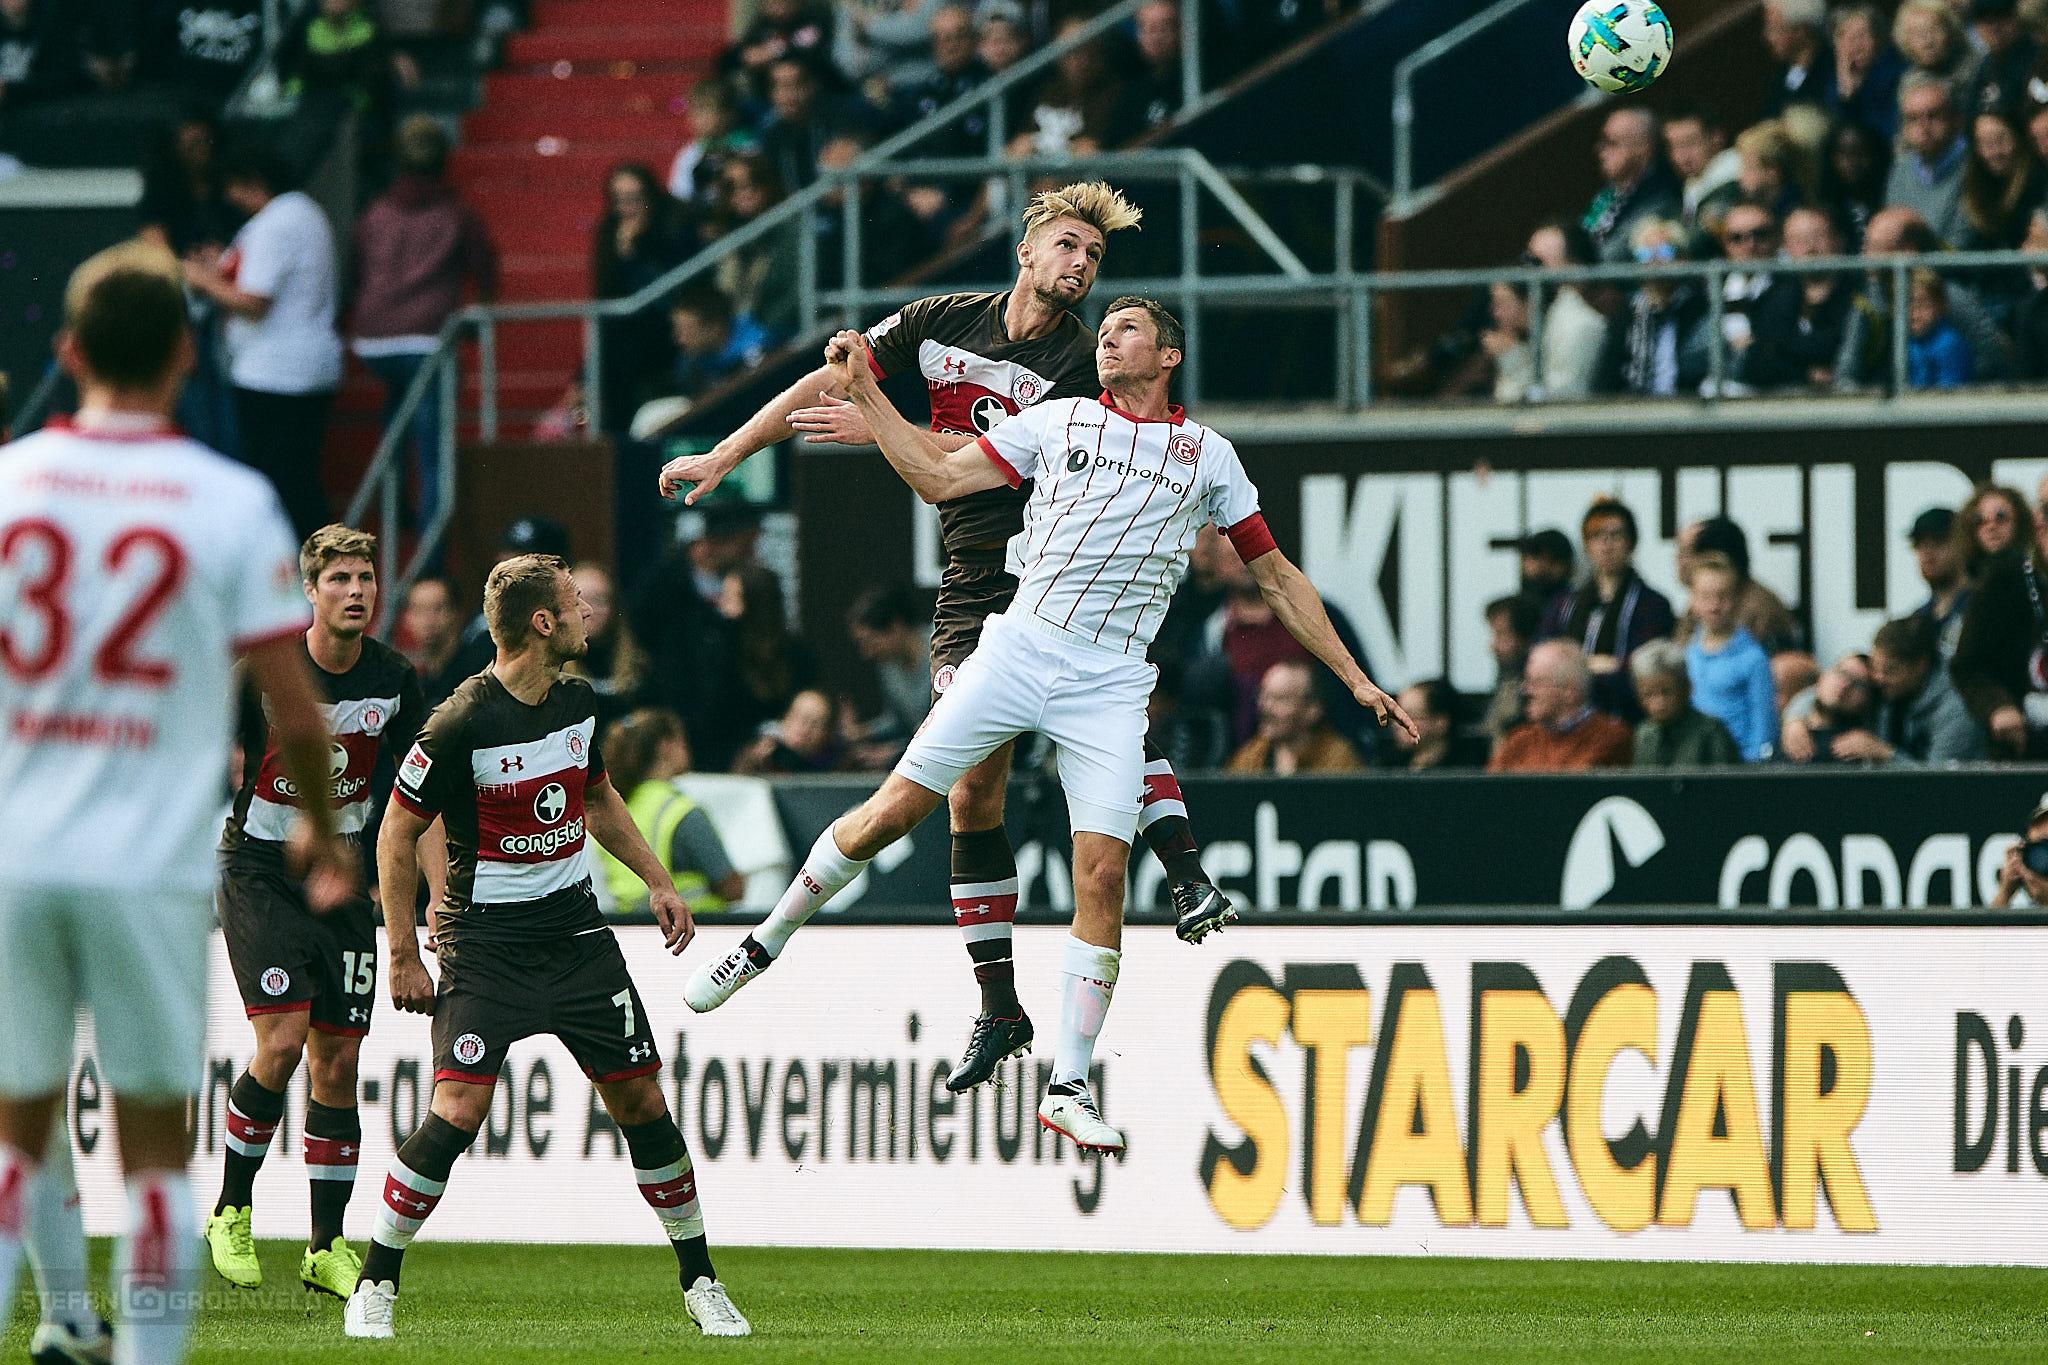 Vor dem Spiel – Fortuna Düsseldorf (H) – Spieltag 13 – Saison 2020/2021